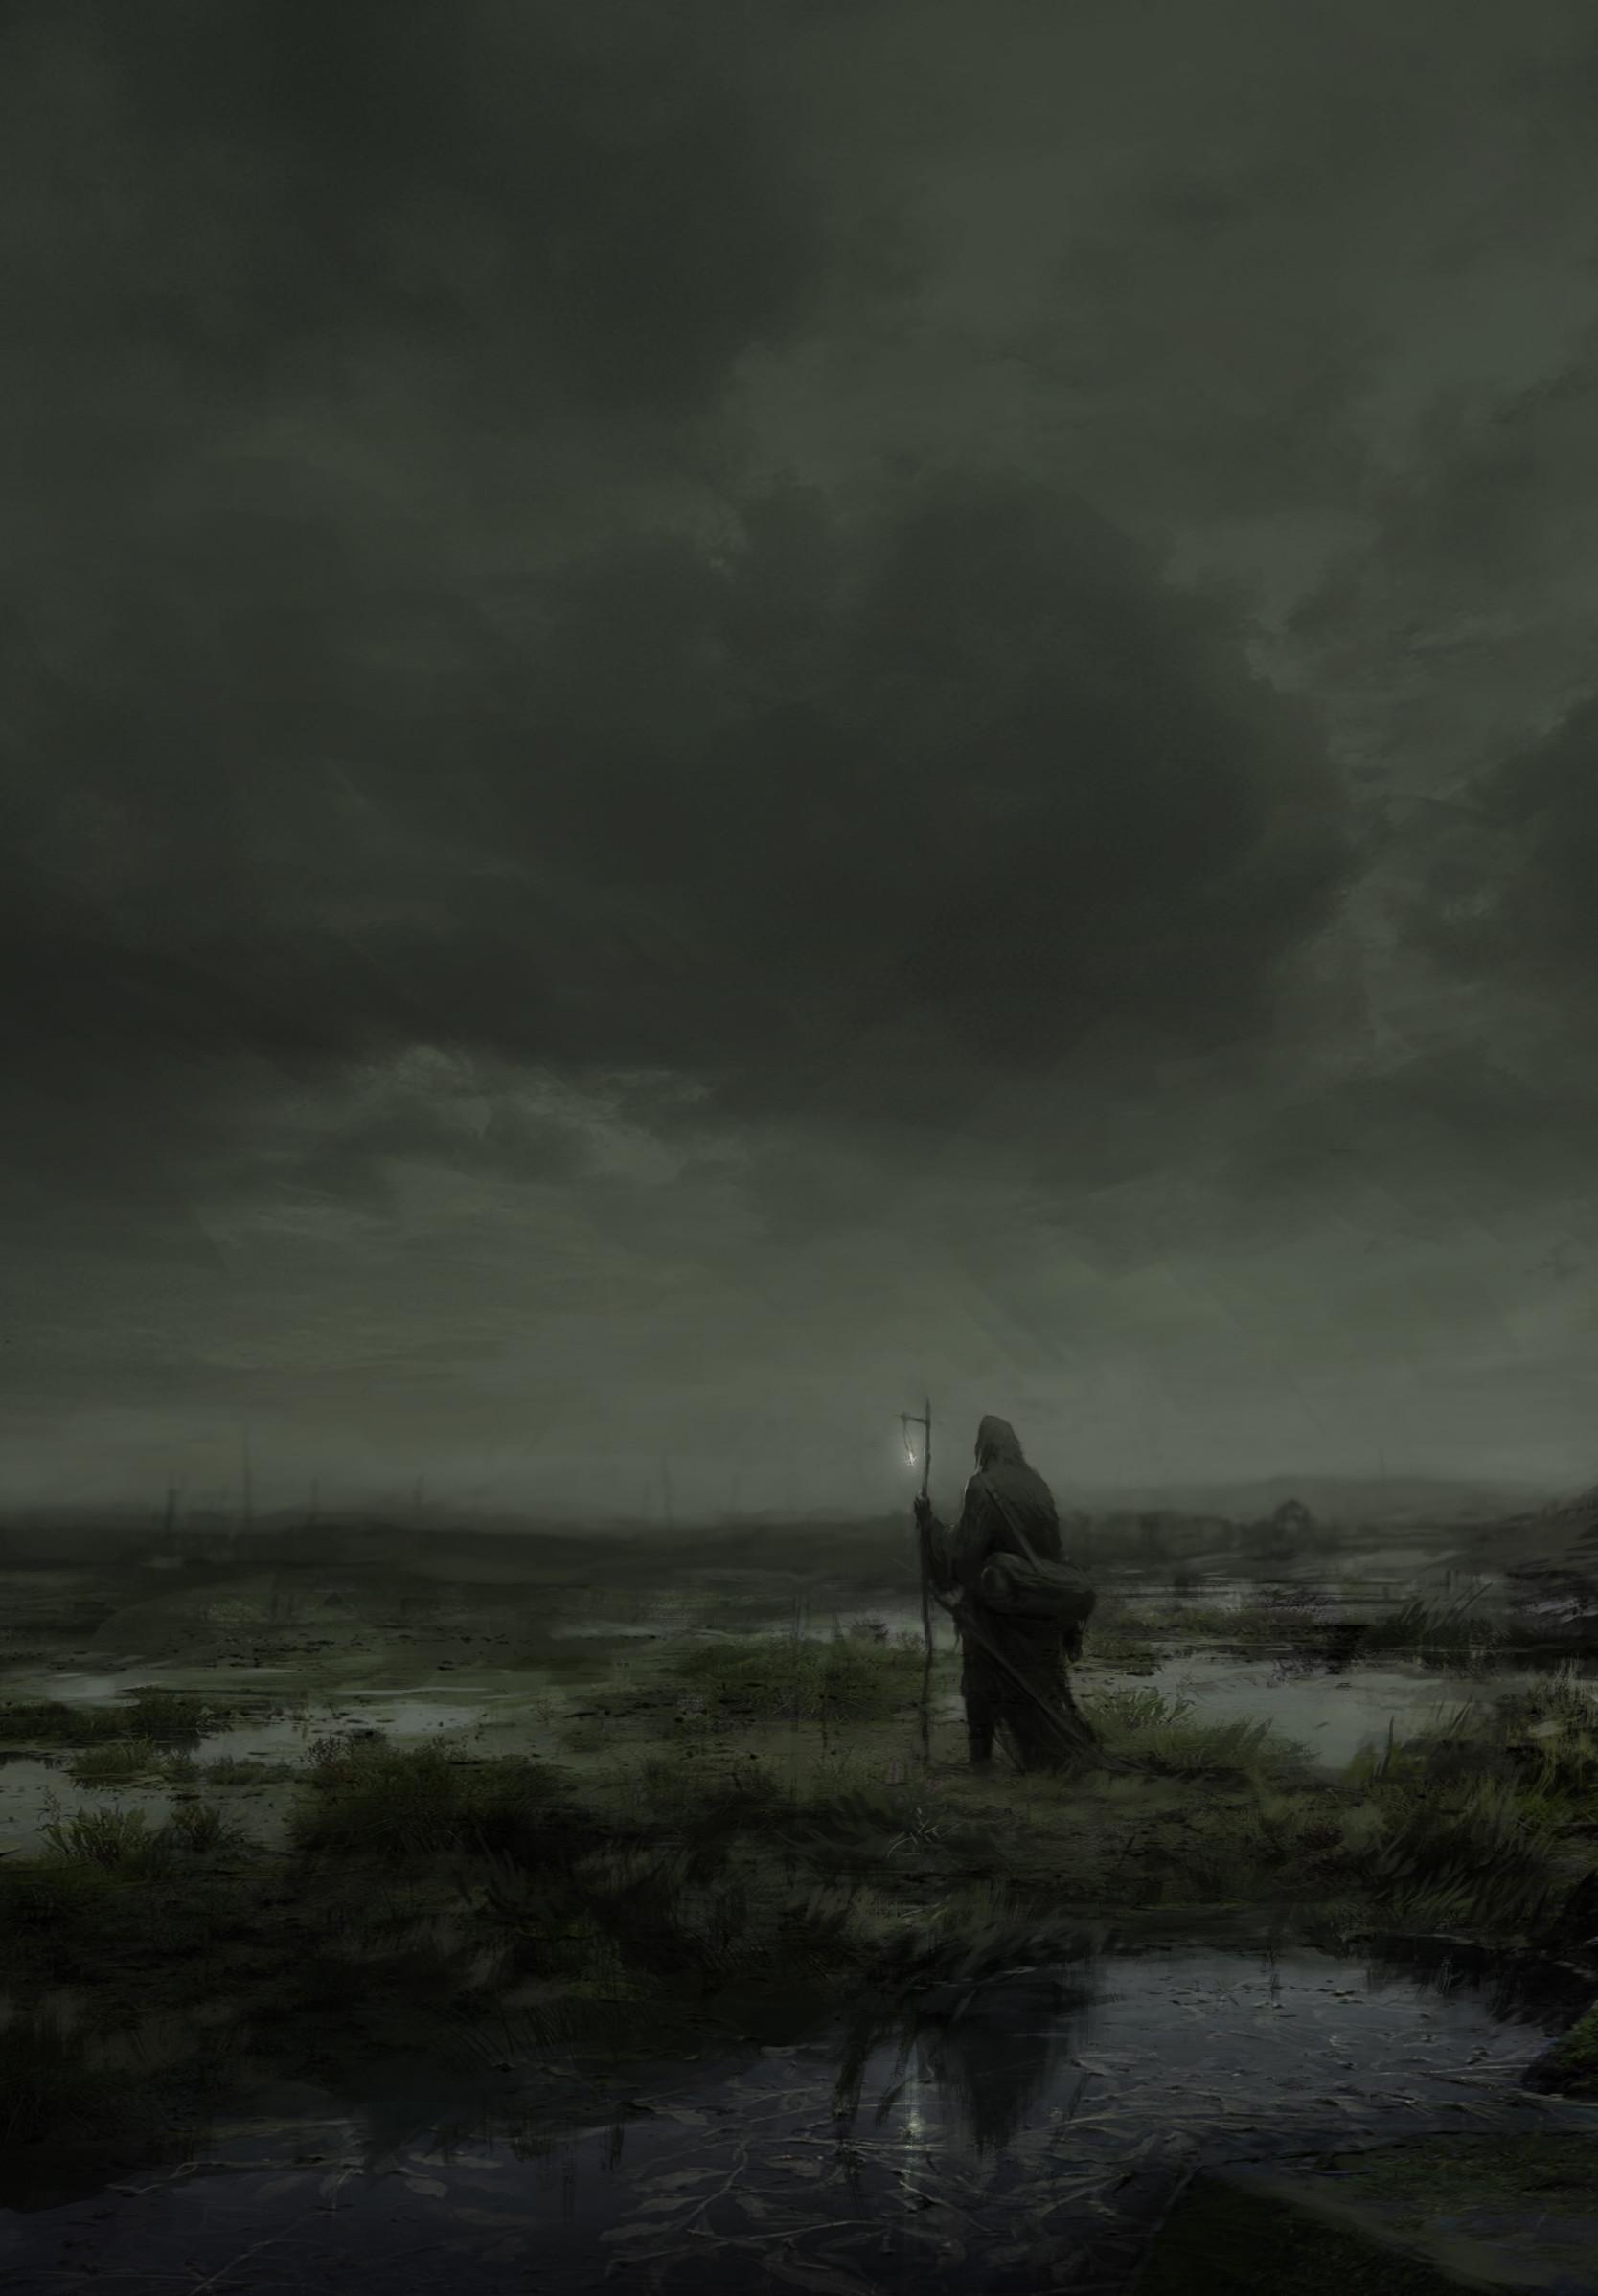 120698 скачать обои Темные, Мрачный, Арт, Туман, Одиночество, Странник, Мантия - заставки и картинки бесплатно